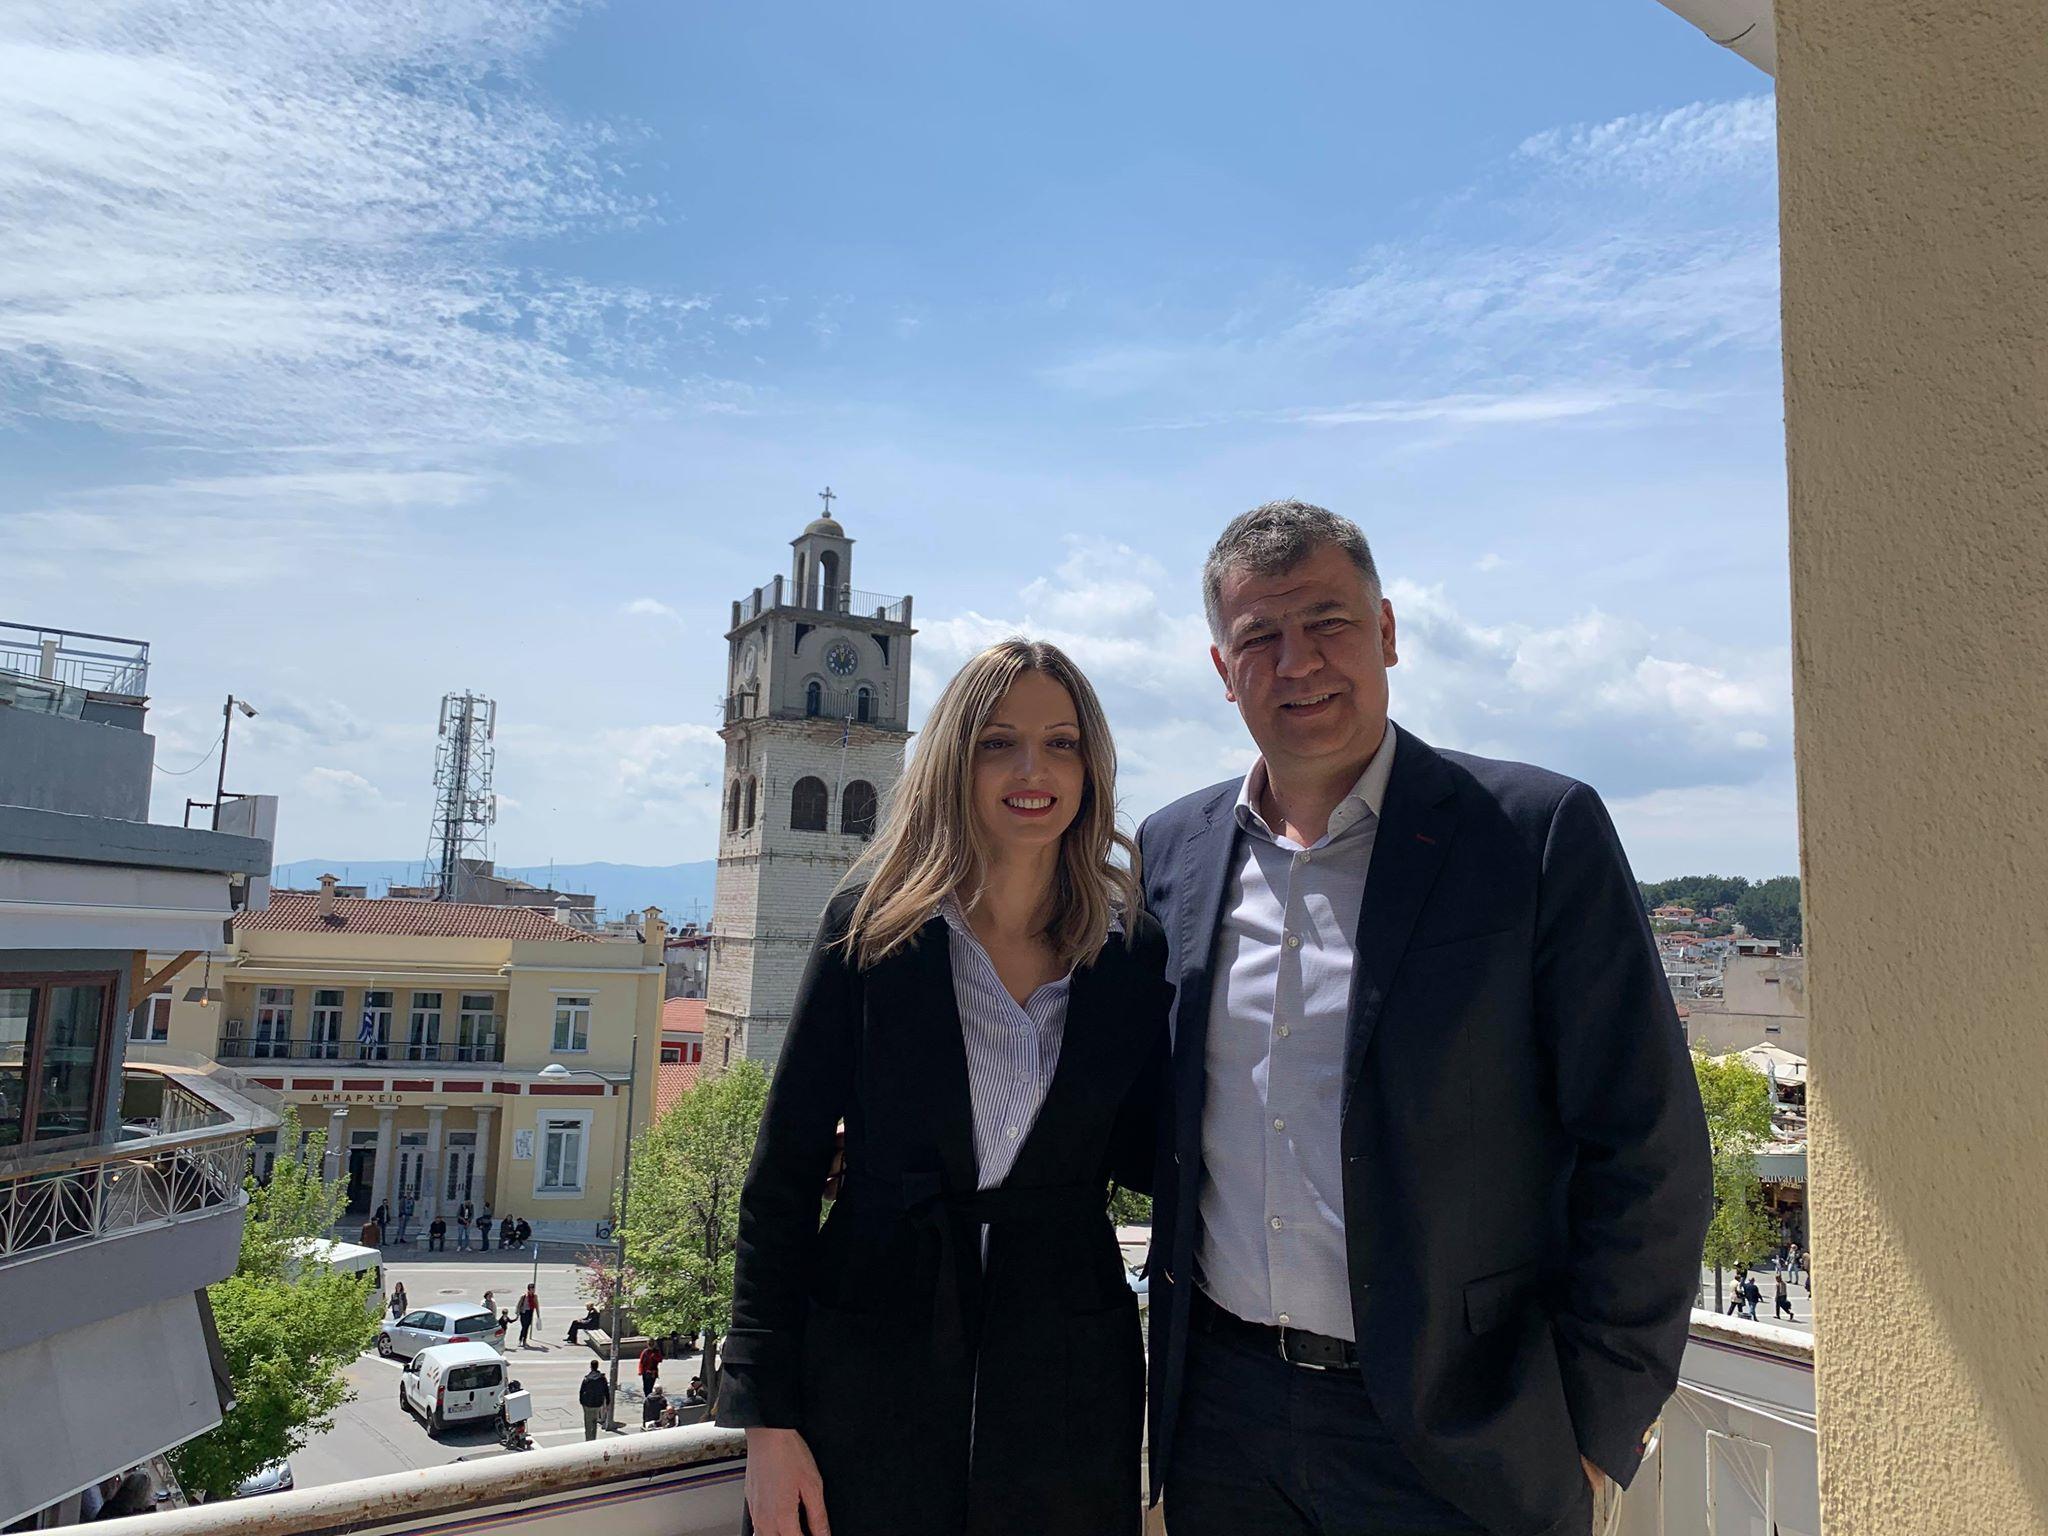 kozan.gr: Χύτρα ειδήσεων: Υποψήφια δημοτική σύμβουλος, με το συνδυασμό «Κοζάνη Μπροστά» του Ε. Σημανδράκου, η Αγάπη Καλαϊτζή